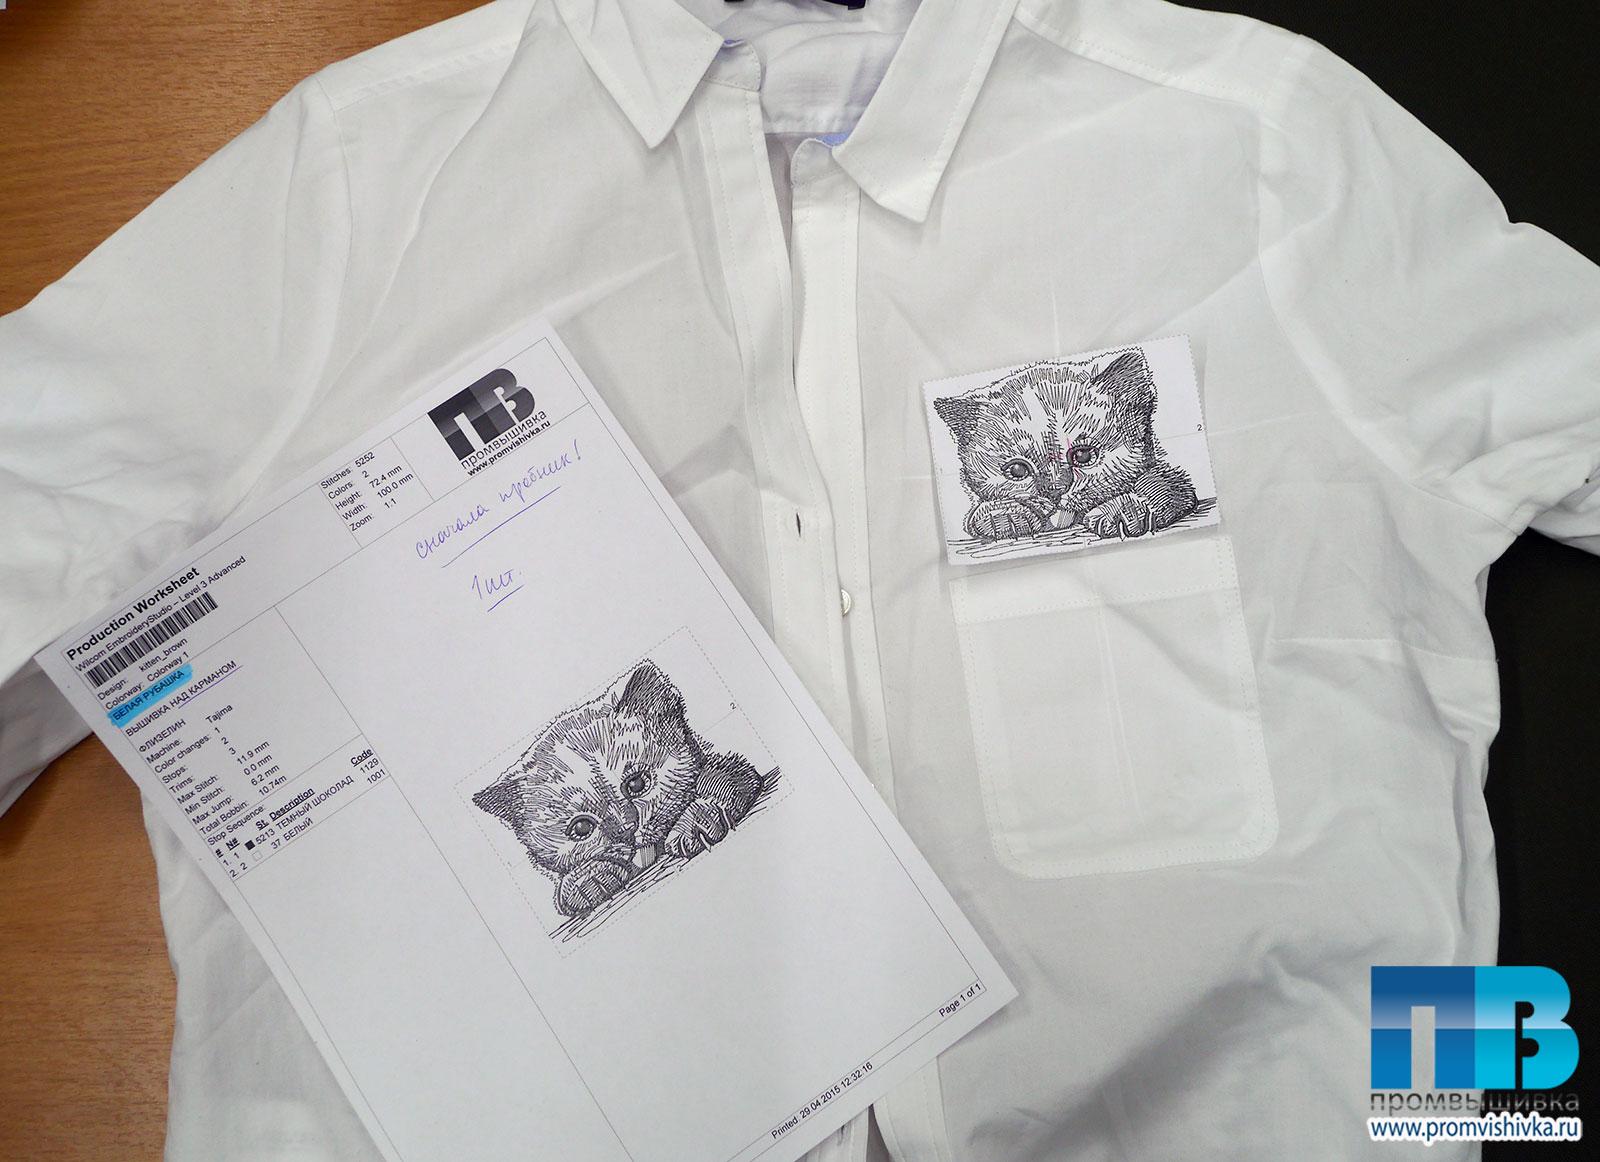 Вышивка на рубашке 75